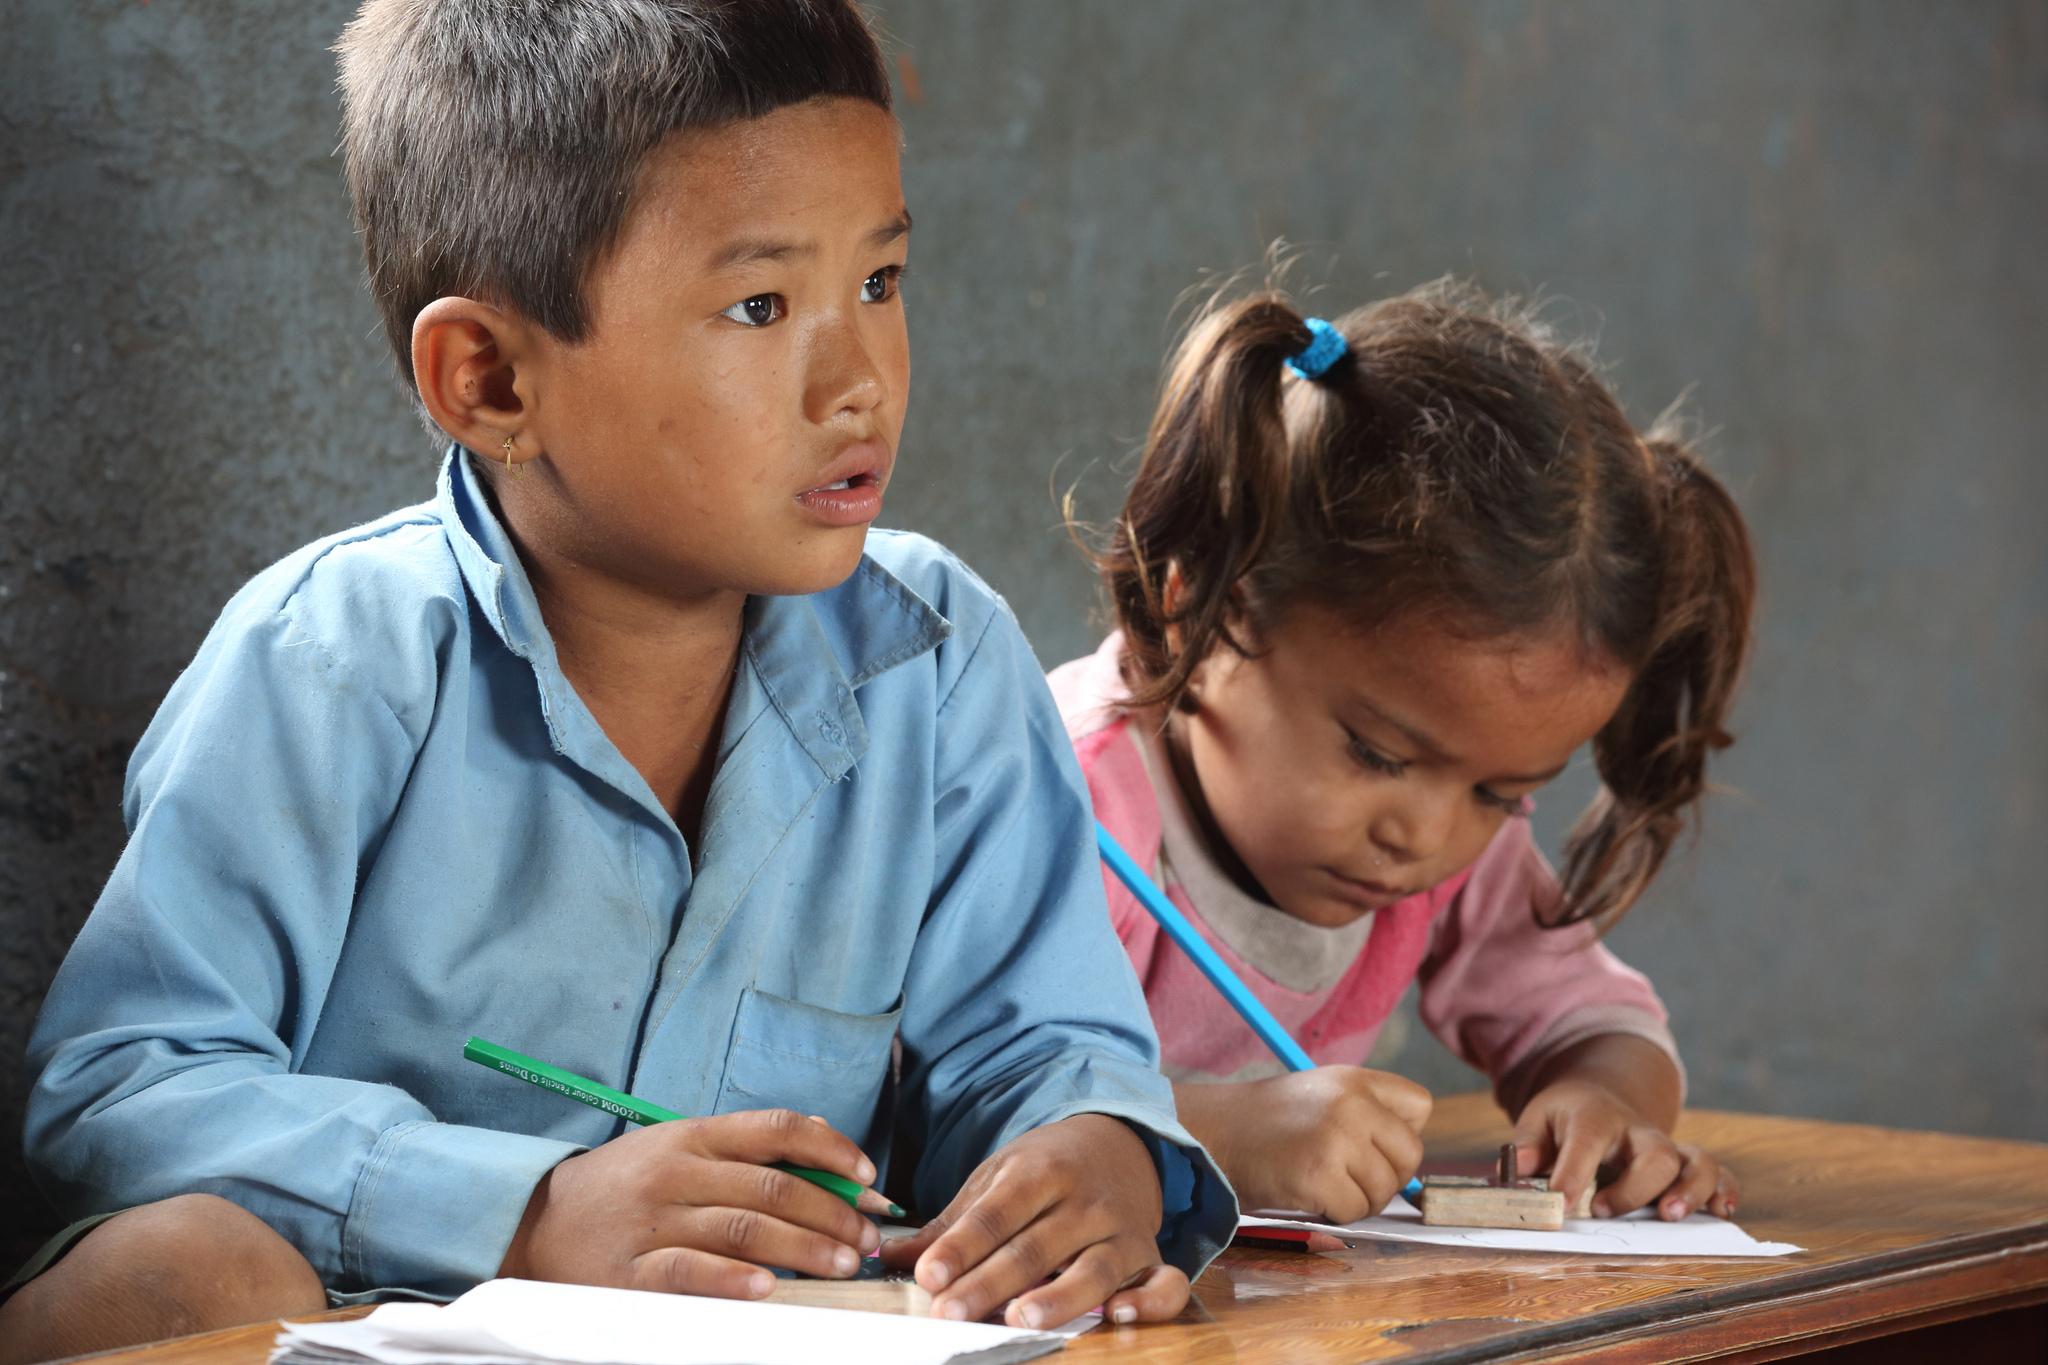 수업 중인 네팔 어린이. (이 사진은 본문과 직접 관련이 없습니다. 출처: Department of Foreign Affairs and Trade, CC BY) https://flic.kr/p/hjJwZ8